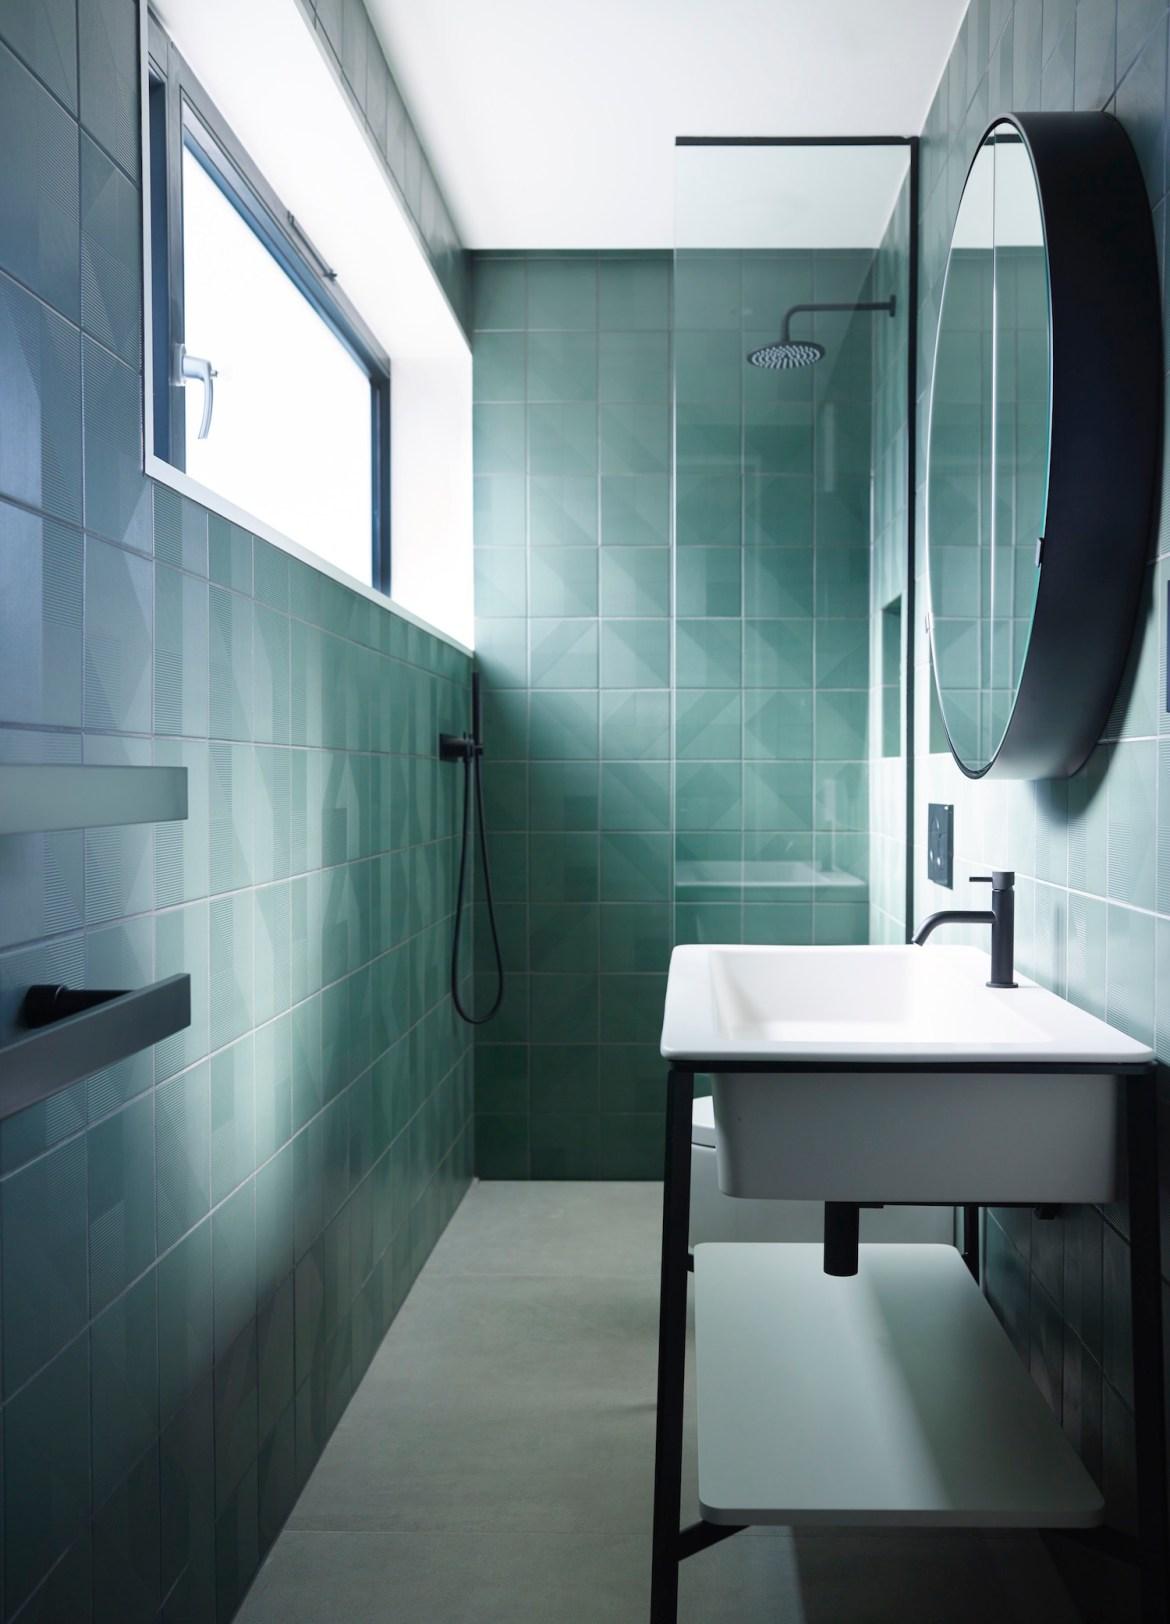 Banheiro pequeno decorado em verde